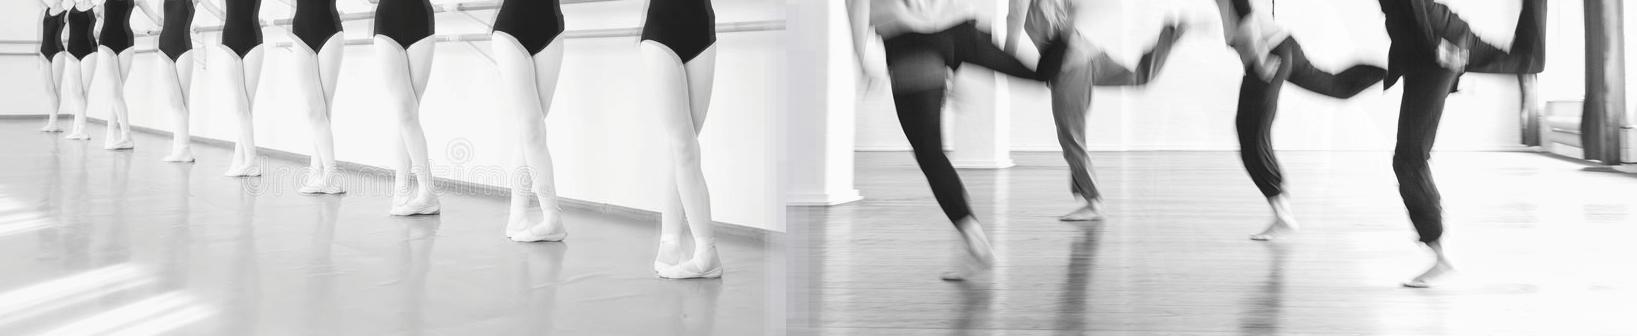 Scuola di Danza Alessandra Celentani